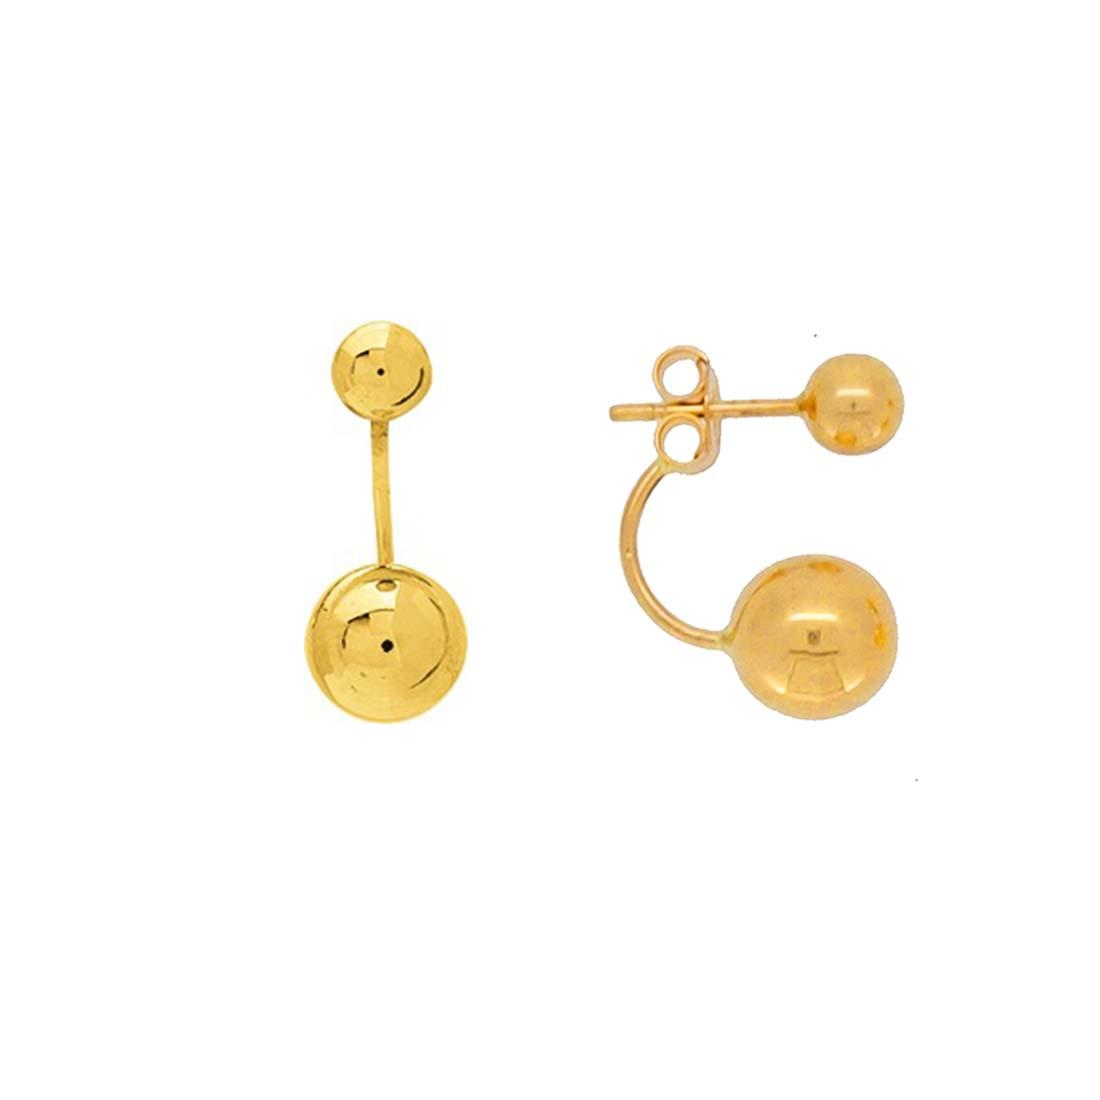 boucles d'oreilles double boules or jaune 18k systeme poussette belge